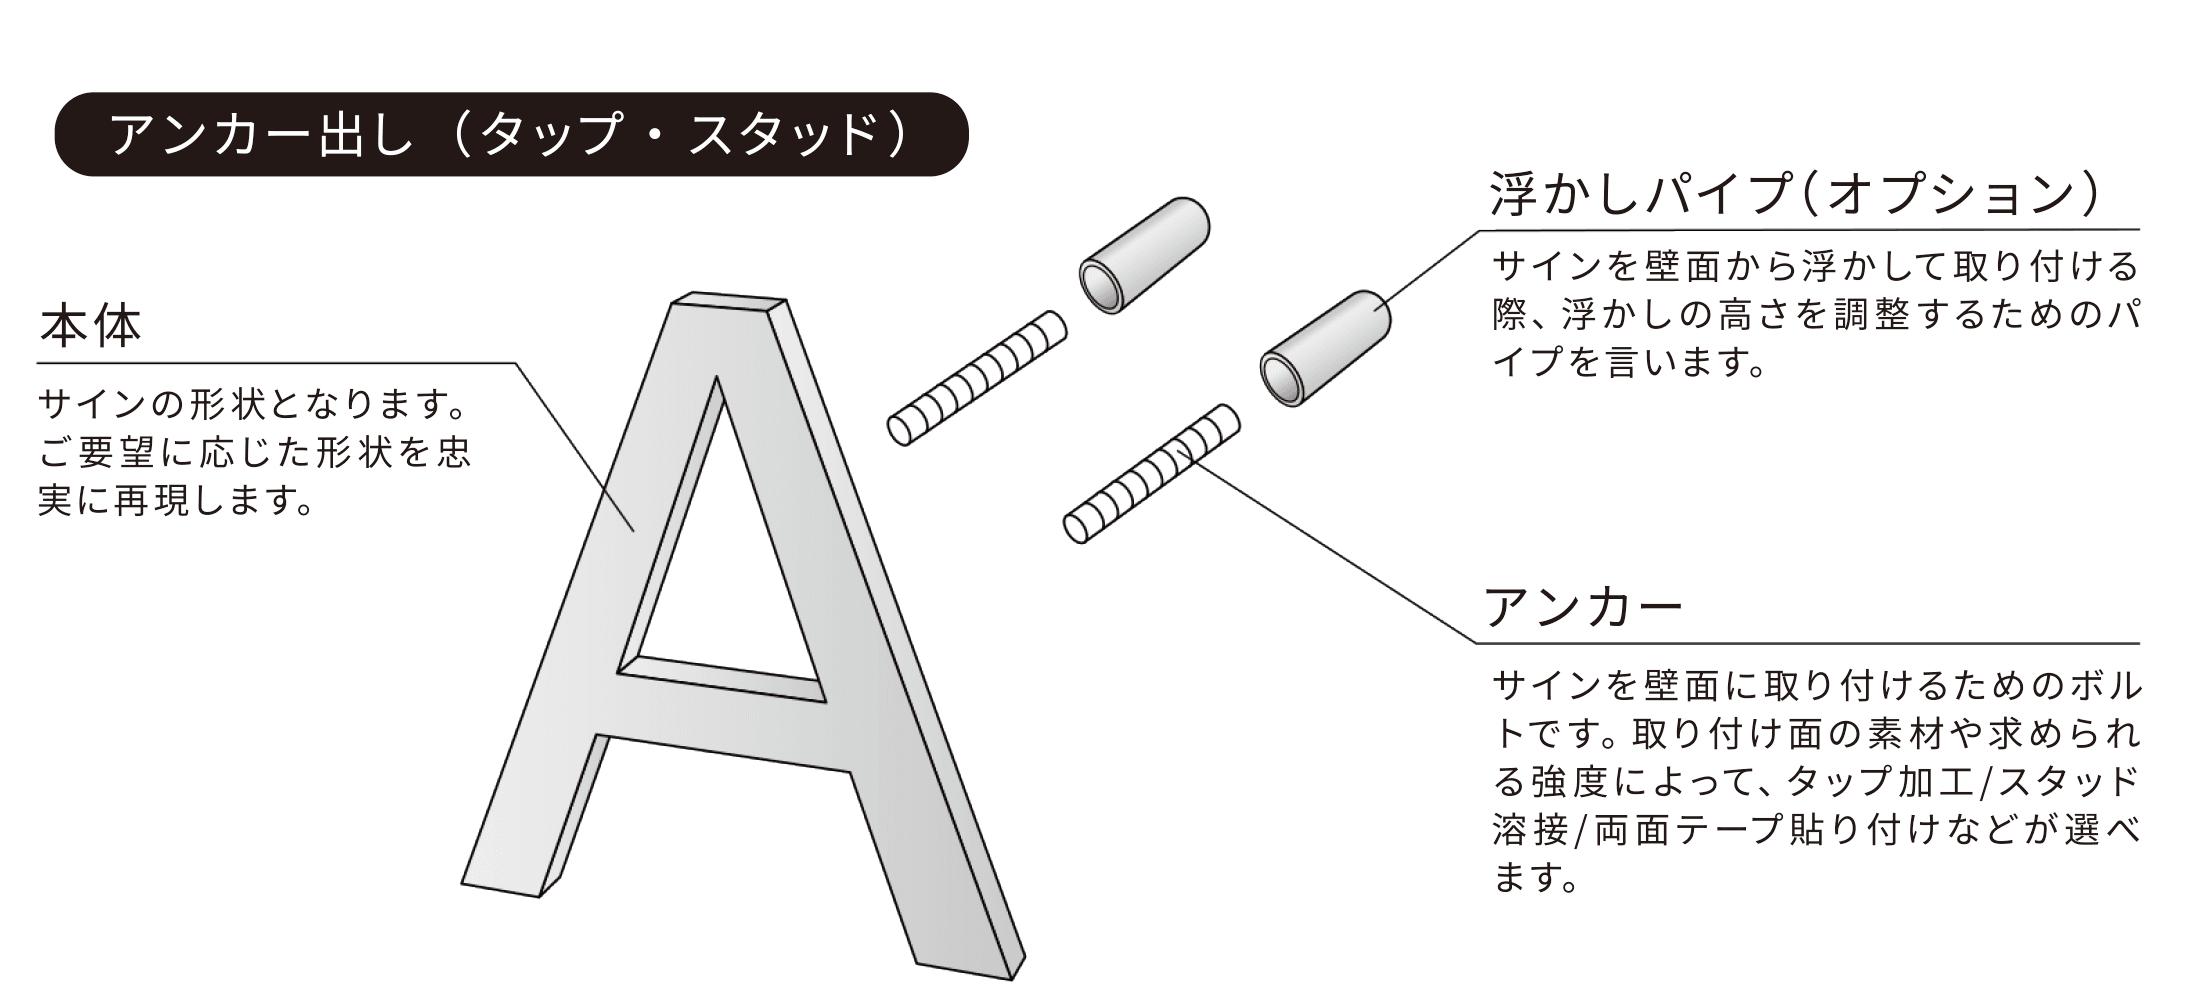 アンカー出し(タップ・スタッド)の構造 本体:サインの形状となります。ご要望に応じた形状を忠実に再現します。 浮かしパイ(オプション):サインを壁面から浮かして取り付ける際、浮かしの高さを調整するためのパイプを言います。 アンカー:サインを壁面に取り付けるためのボルトです。取り付け面の素材や求められる強度によって、タップ加工/スタッド溶接/両面テープ貼り付けなどが選べます。